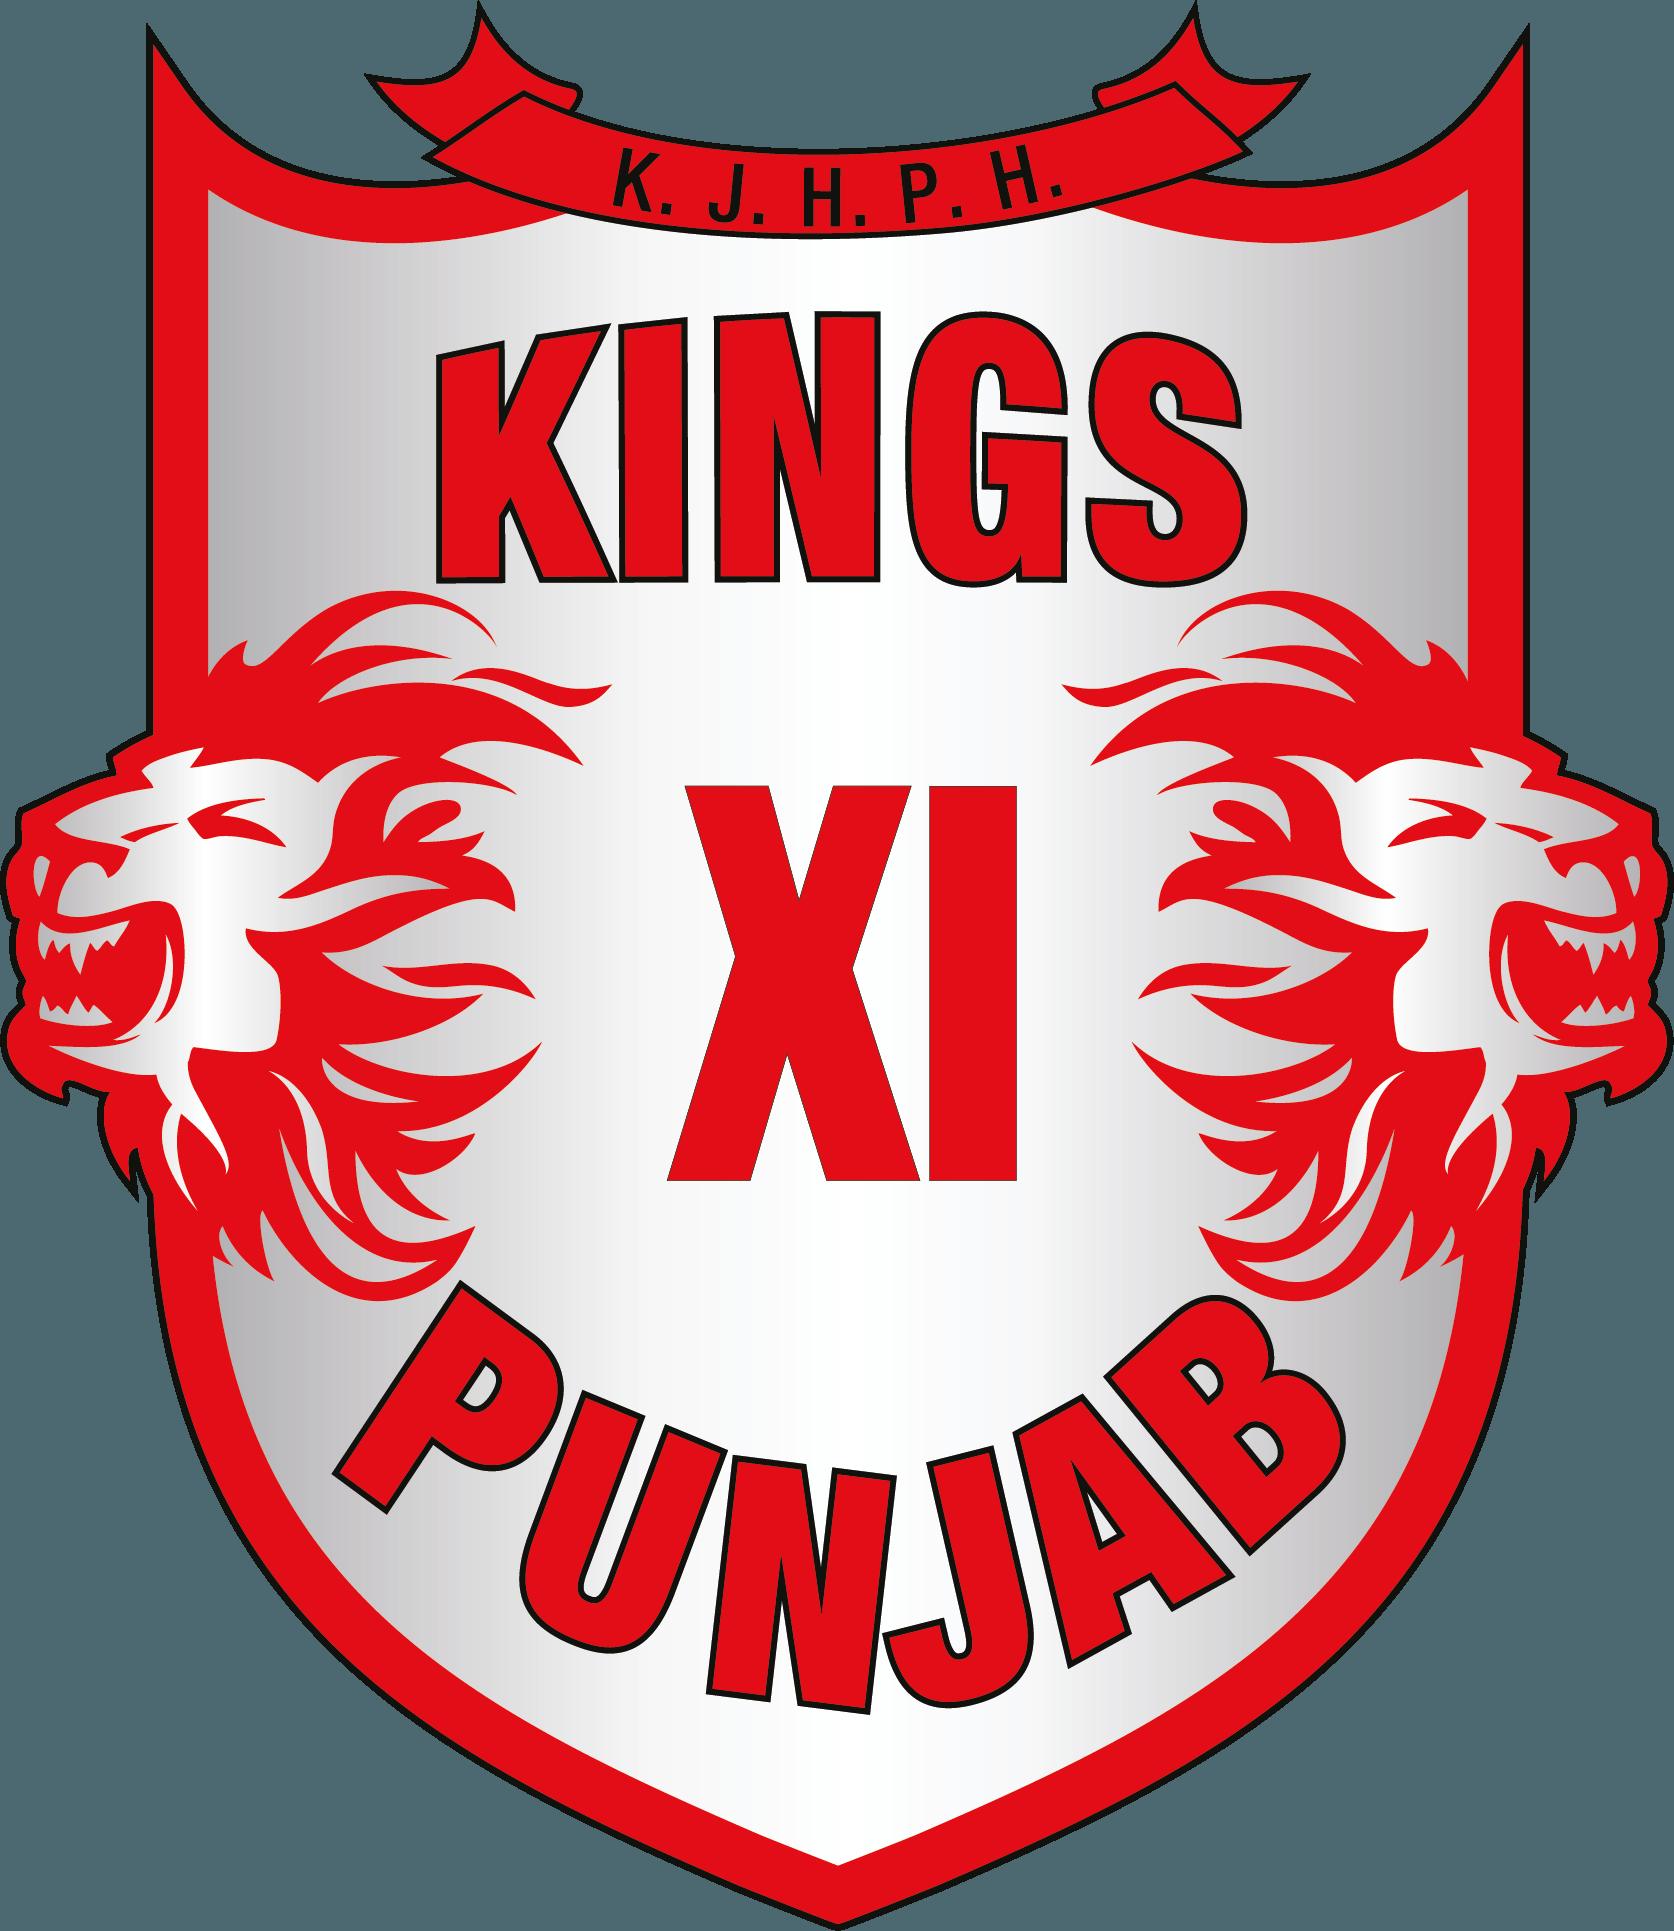 Kings XI Punjab Logo [kxip.in] png